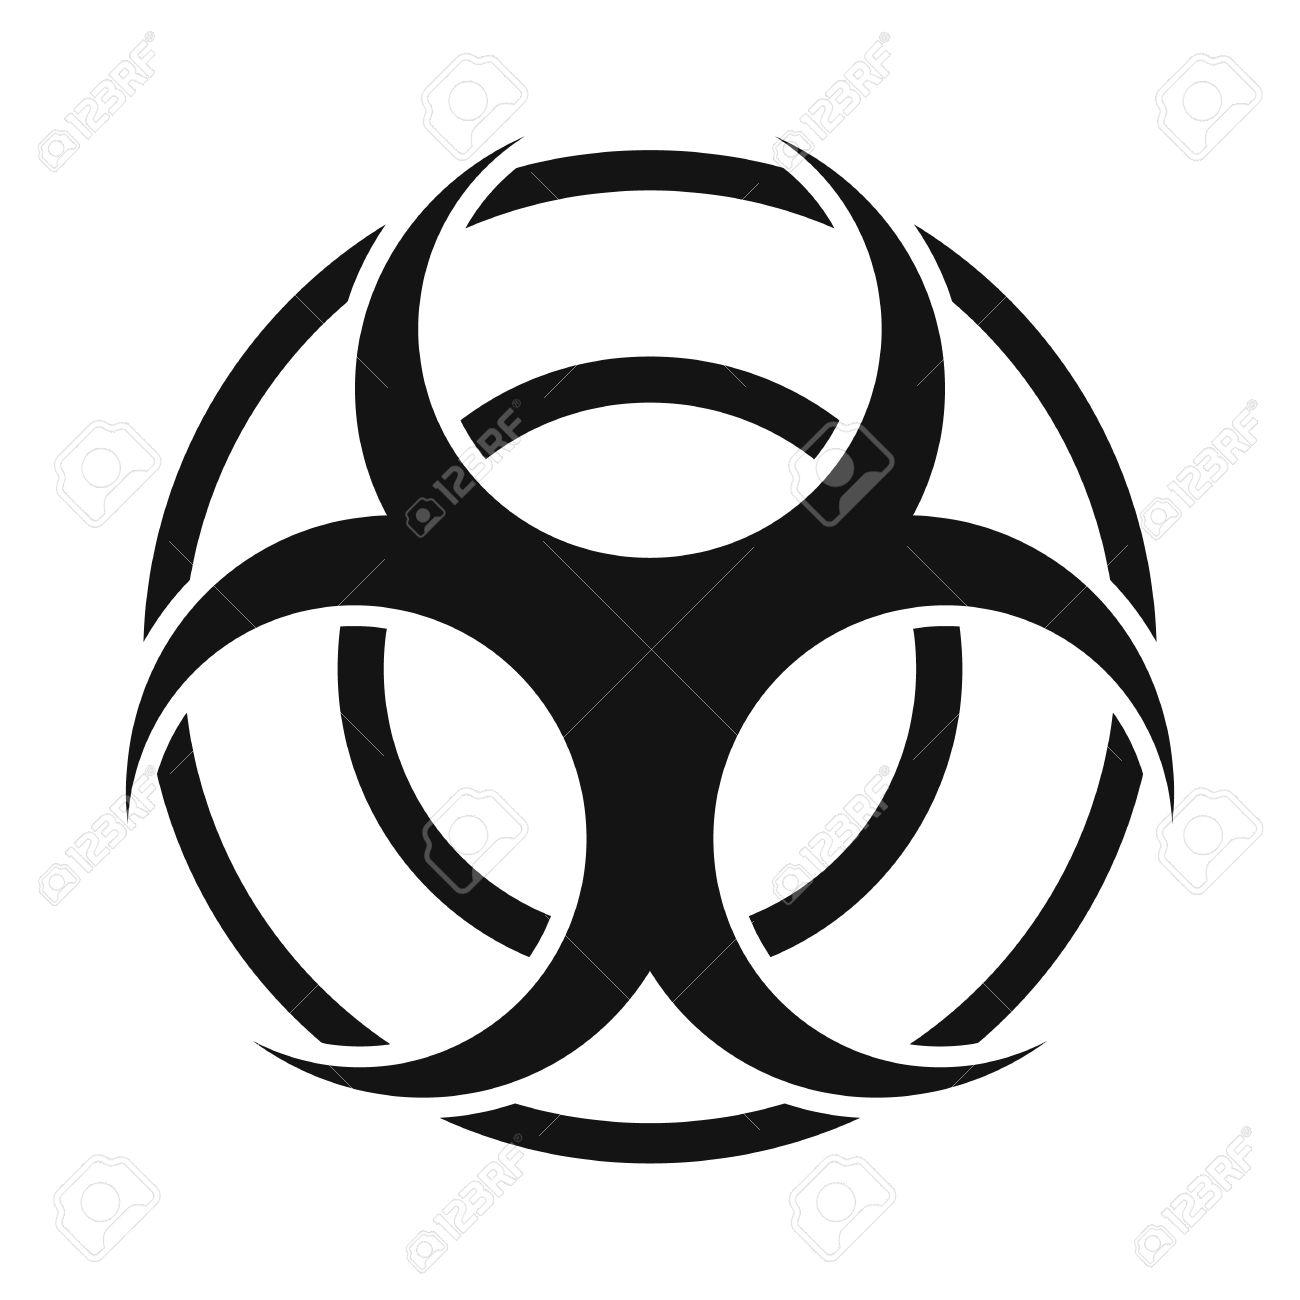 Biohazard symbol clipart free download best biohazard symbol biohazard clipart biocorpaavc Images